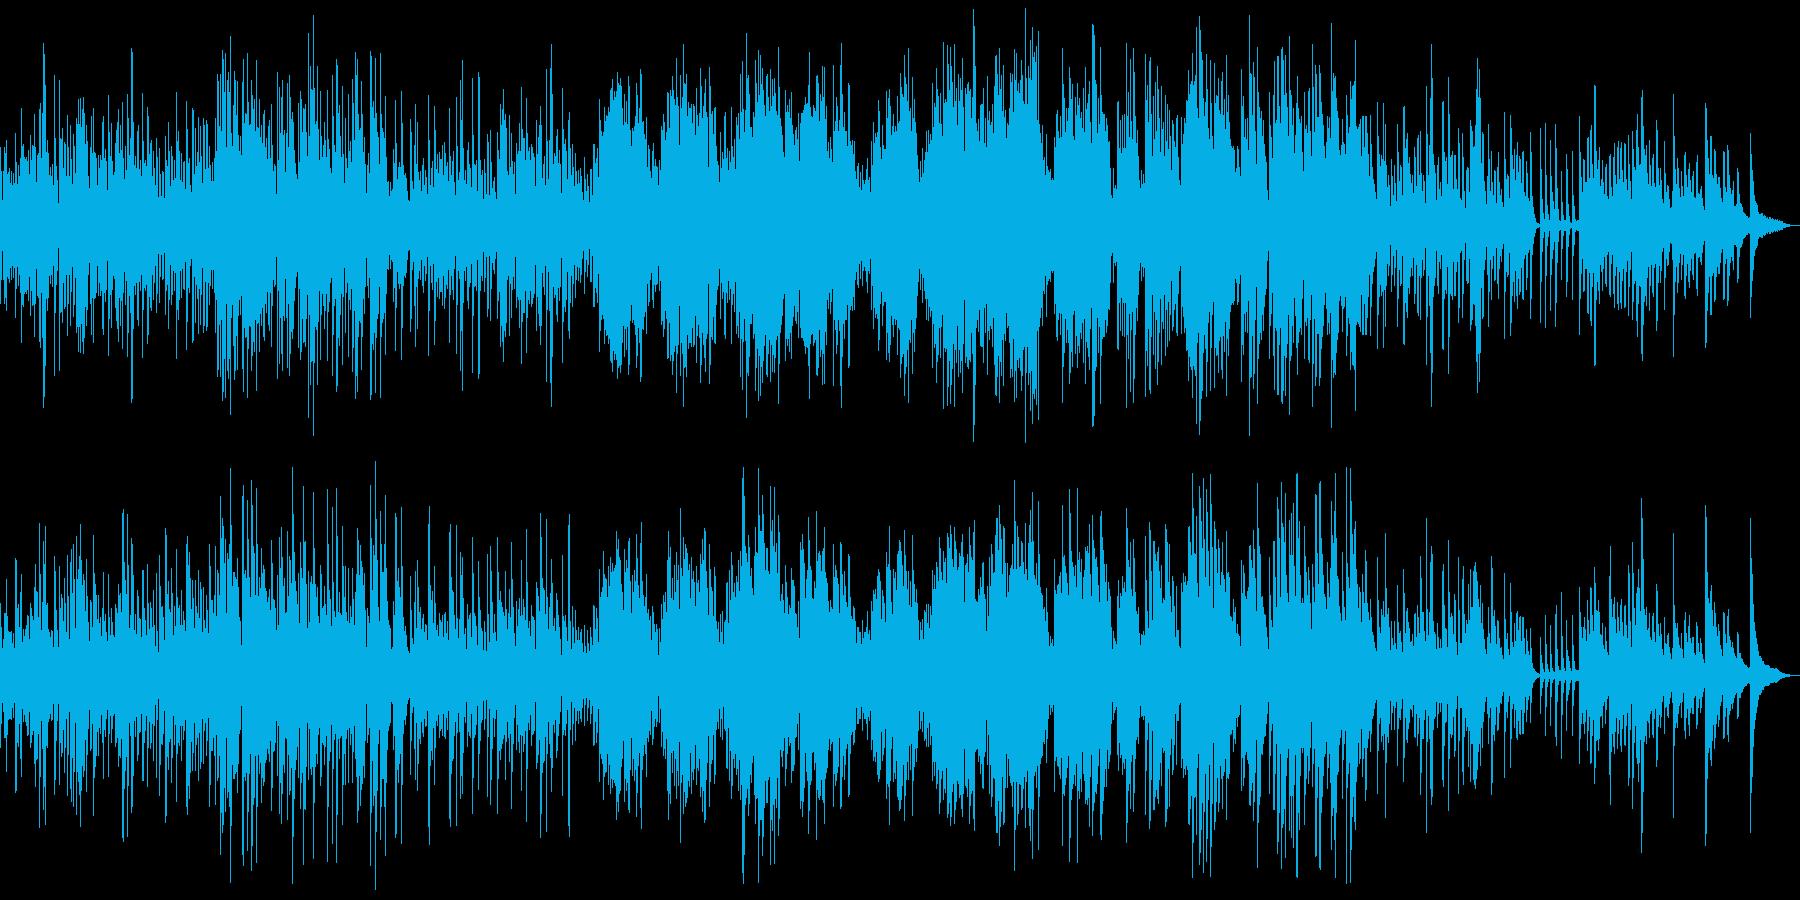 ショパン雨だれクラシックピアノでシックの再生済みの波形